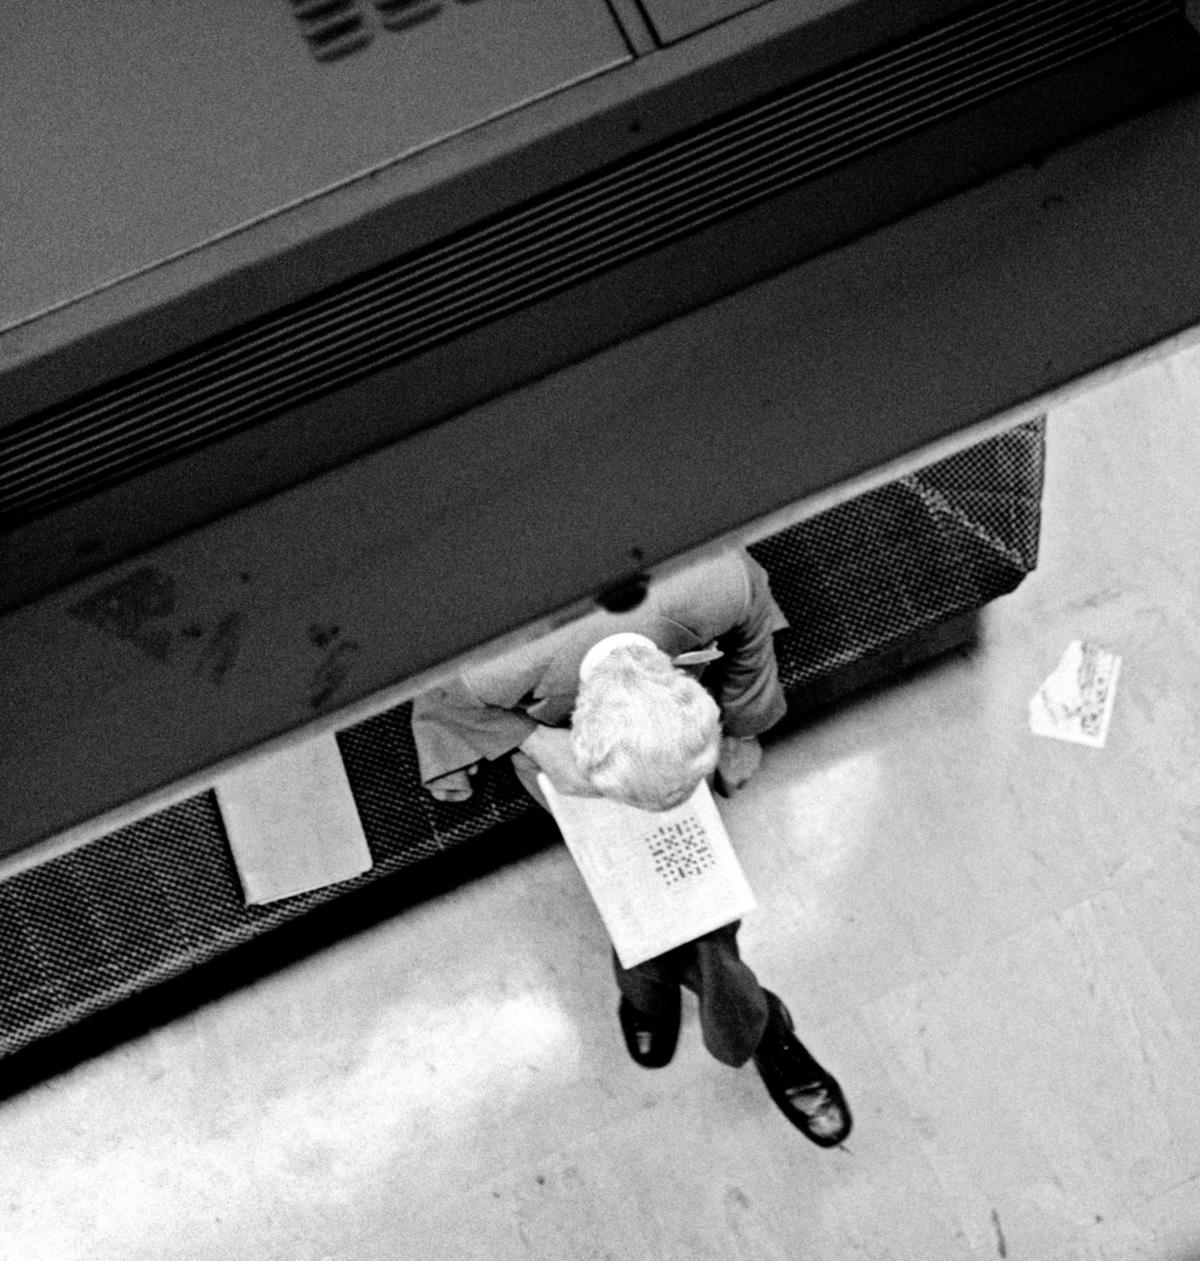 Pausa para palavras cruzadas na Bolsa de Valores de Londres: uma obsessão solitária, intimista e bela que, para os puristas, exige o engajamento absoluto da mente